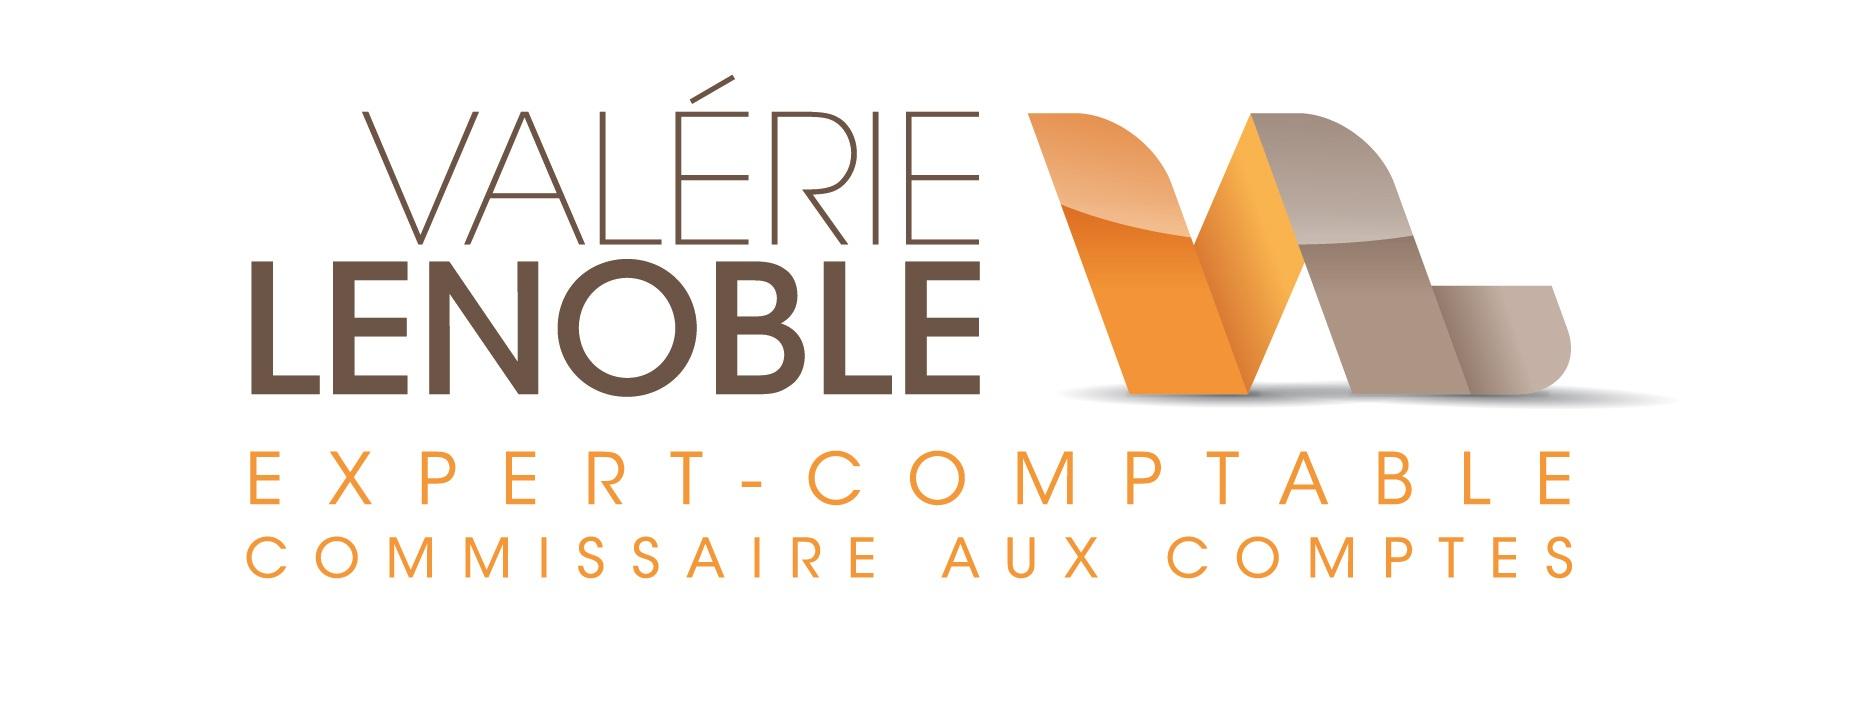 Valérie Lenoble